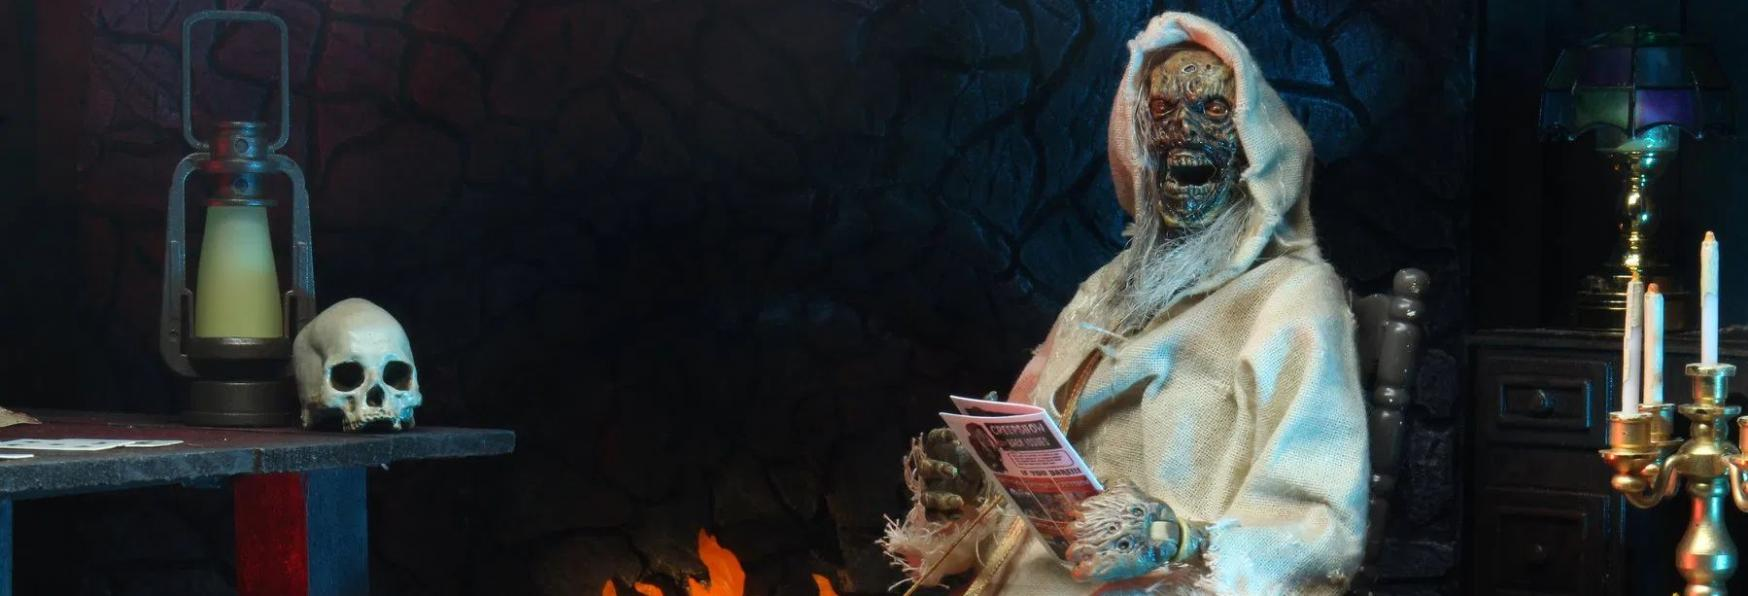 Creepshow 3: Rilasciato il Trailer Ufficiale della nuova Stagione